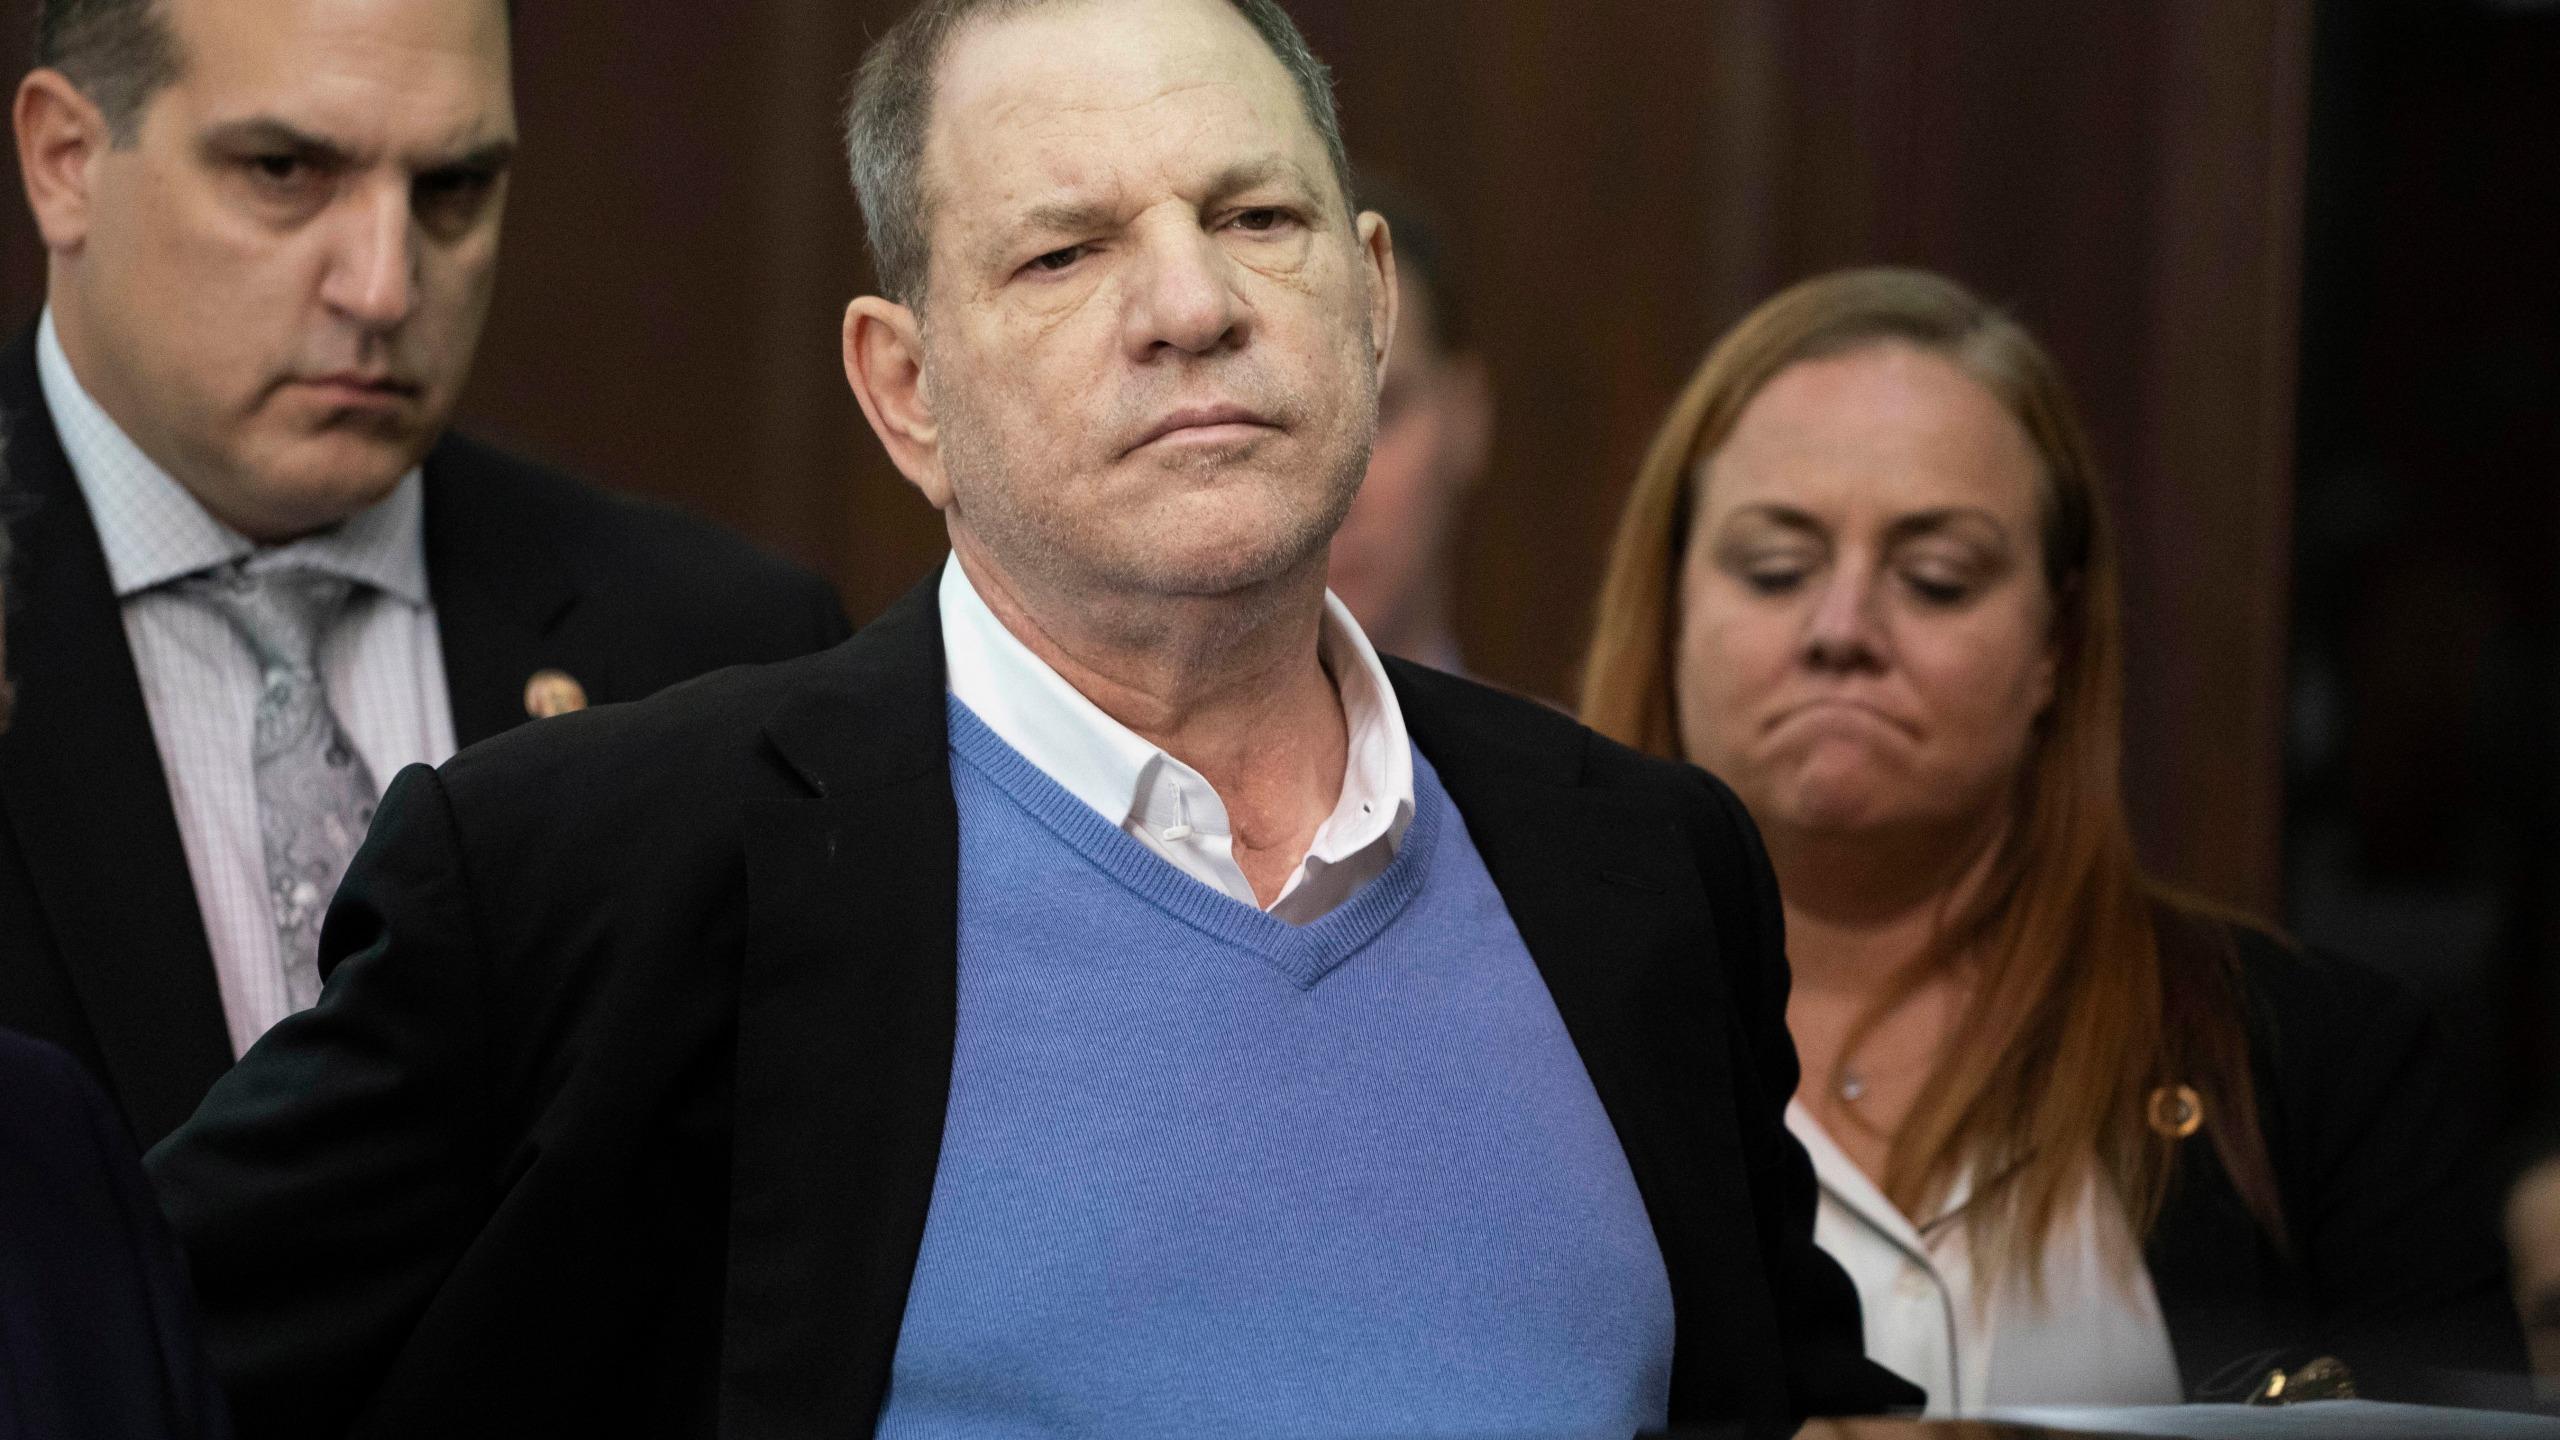 Sexual_Misconduct_Harvey_Weinstein_34159-159532.jpg60720603